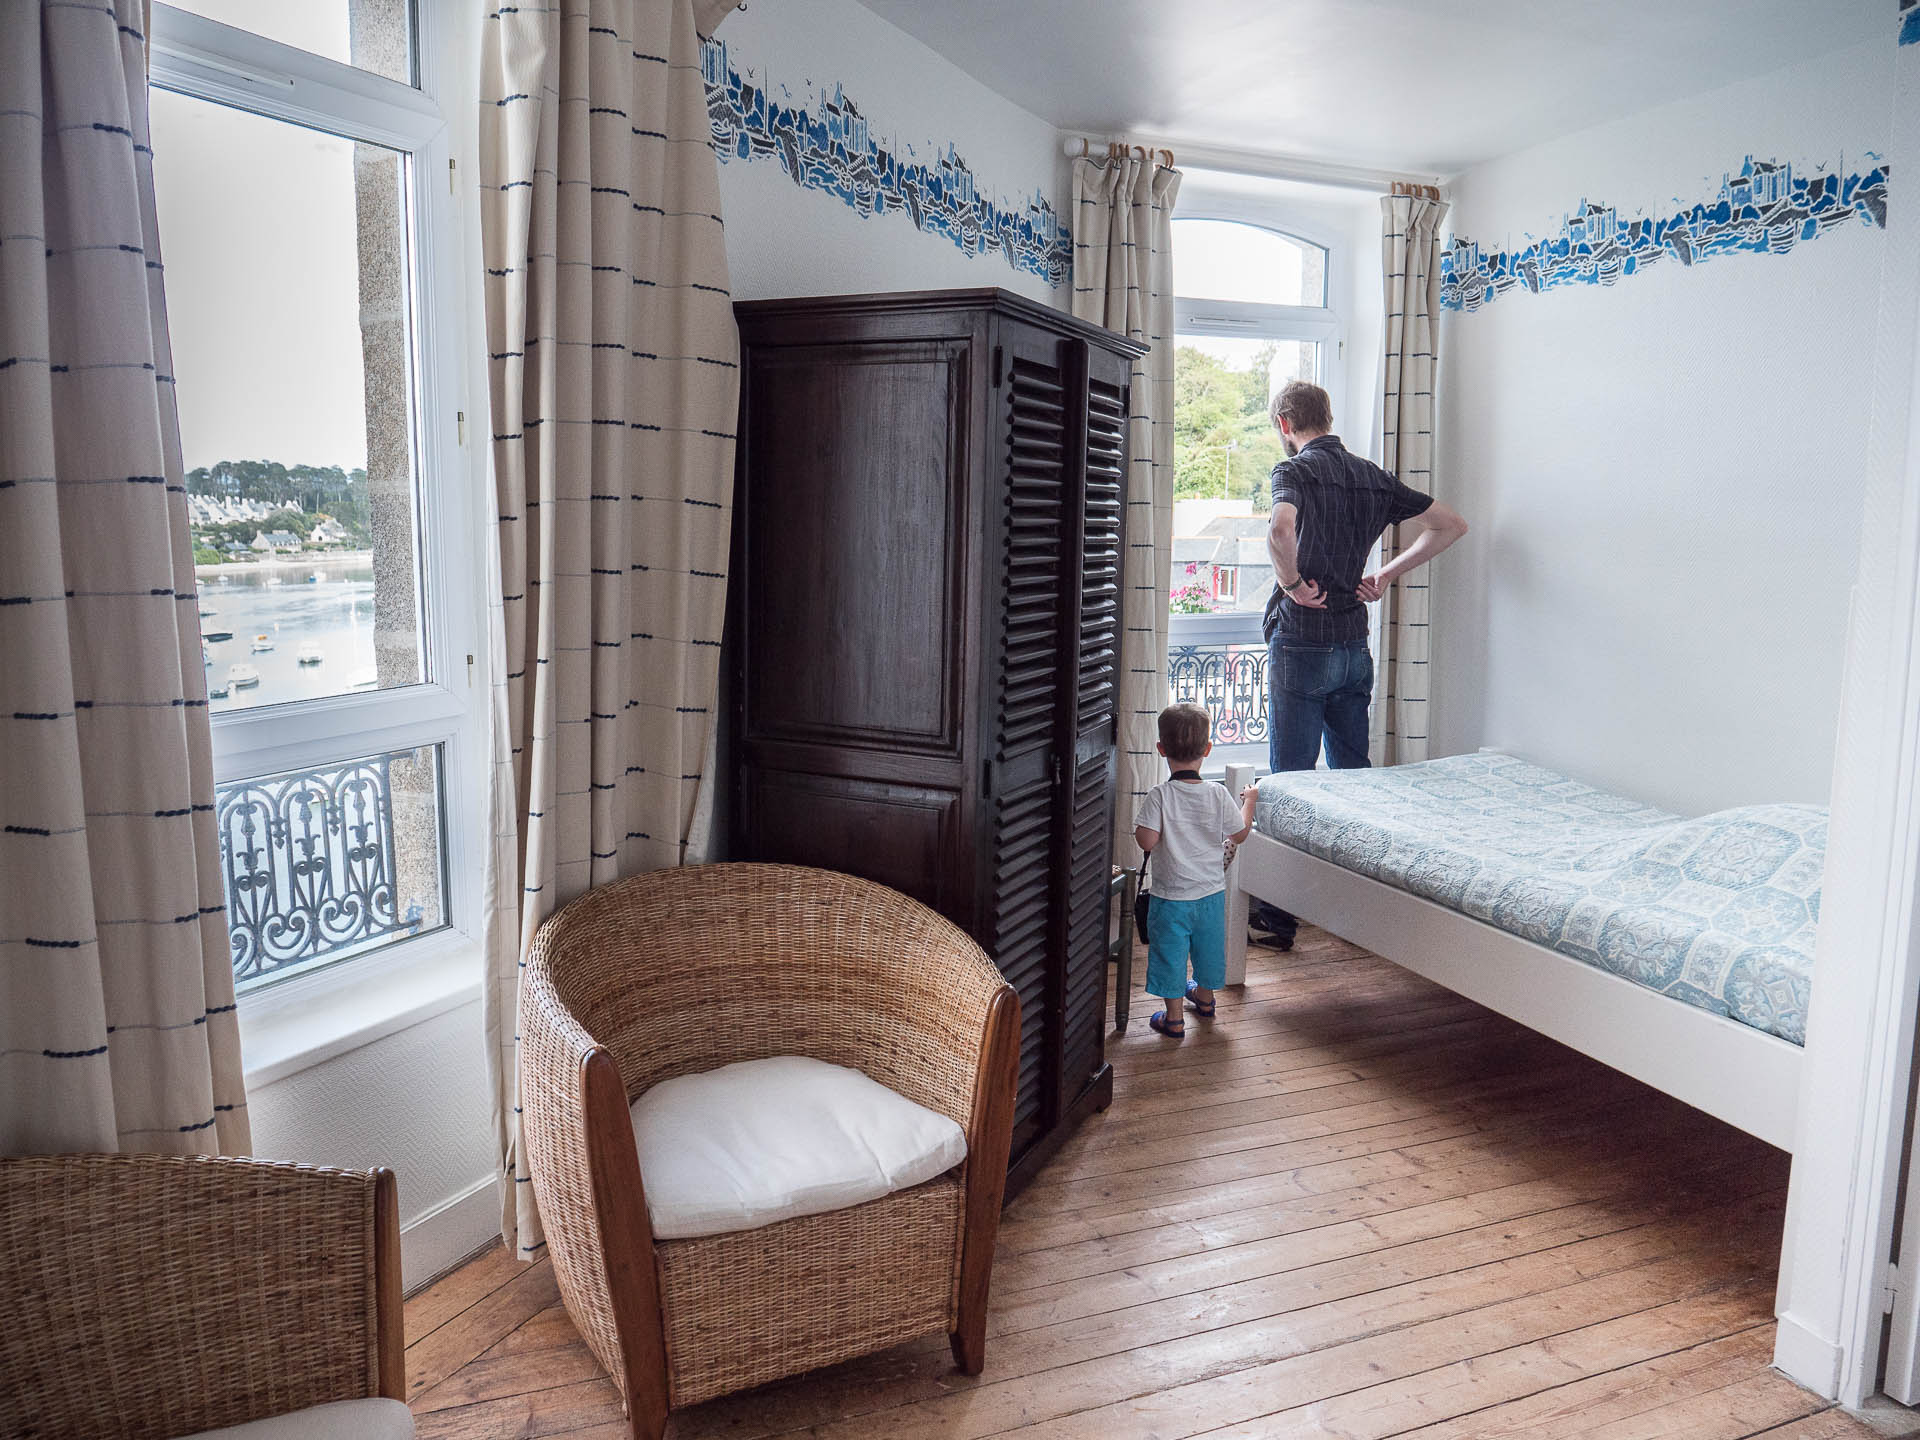 le conquet chambre hotel - Les globe blogueurs - blog voyage nature